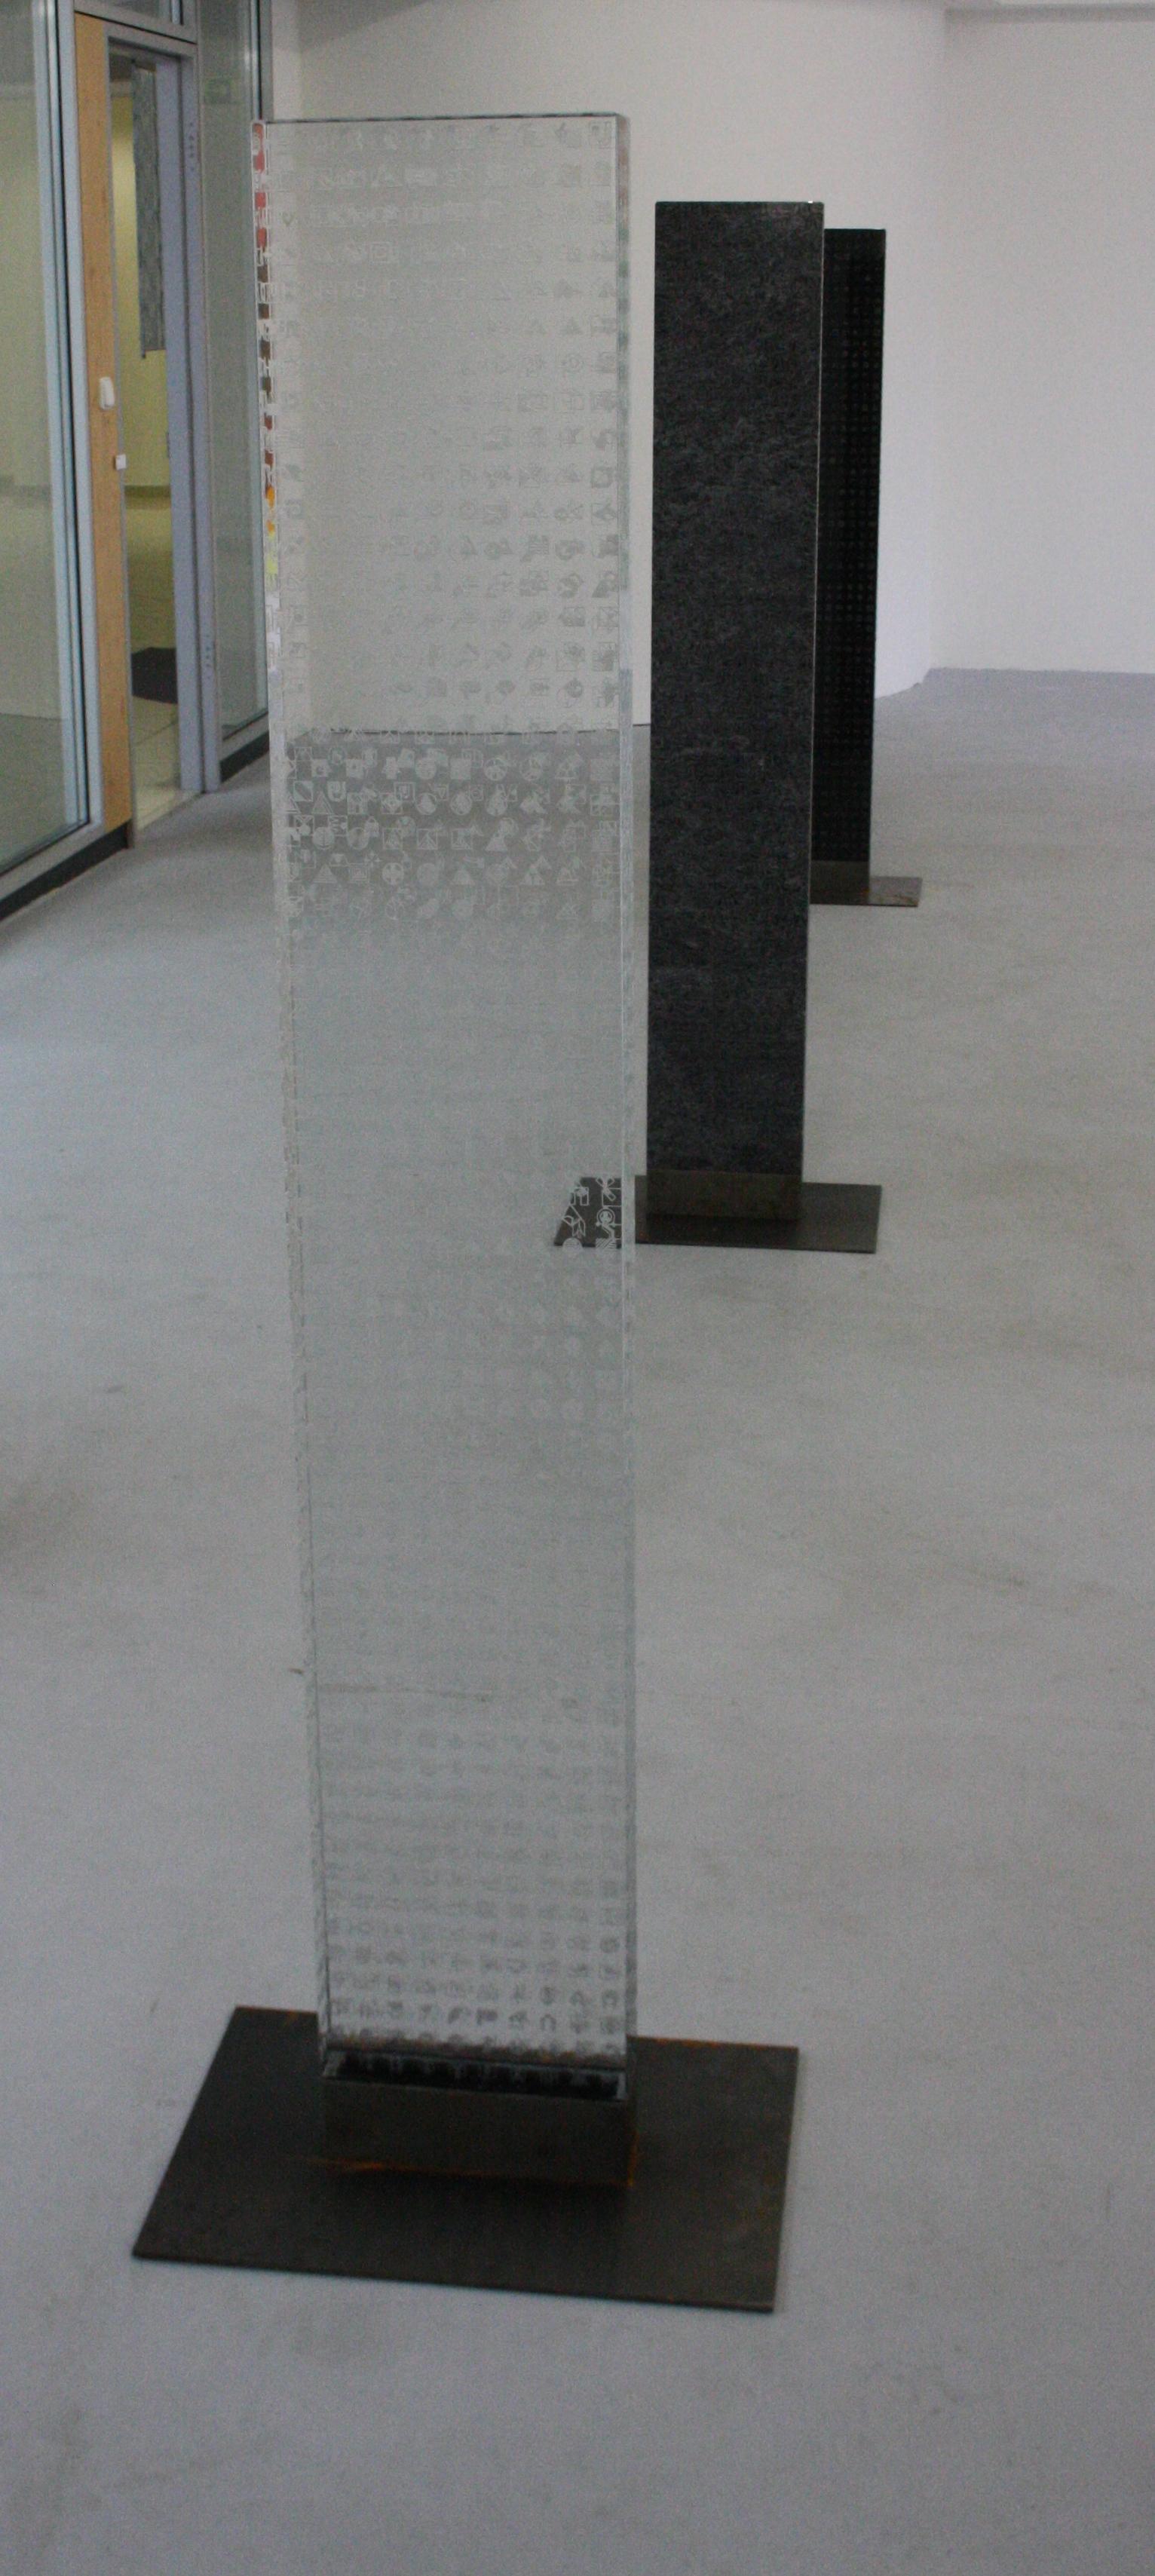 Zdeněk Lhotský, Stéla 3, 2008-2010, sklo, 27 x 157 x 7,5 cm